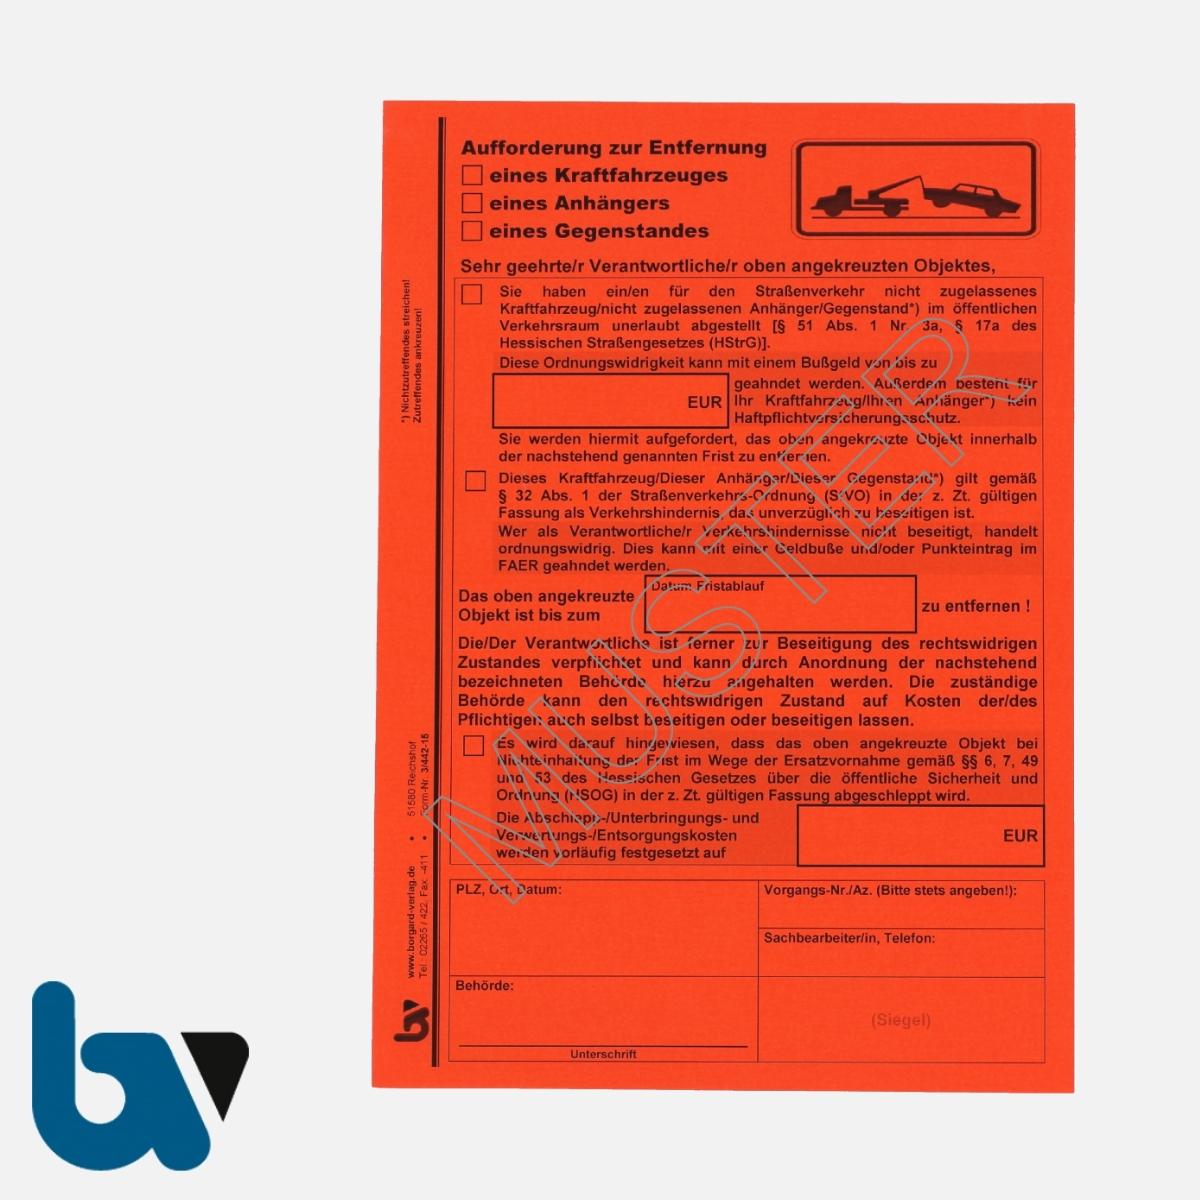 3/442-15 Aufkleber Aufforderung Entfernung Fahrzeug Anhänger Gegenstand selbstklebend Hessen HStrG HSOG StVO Aufnahmeprotokoll Abfall DIN A5 VS | Borgard Verlag GmbH